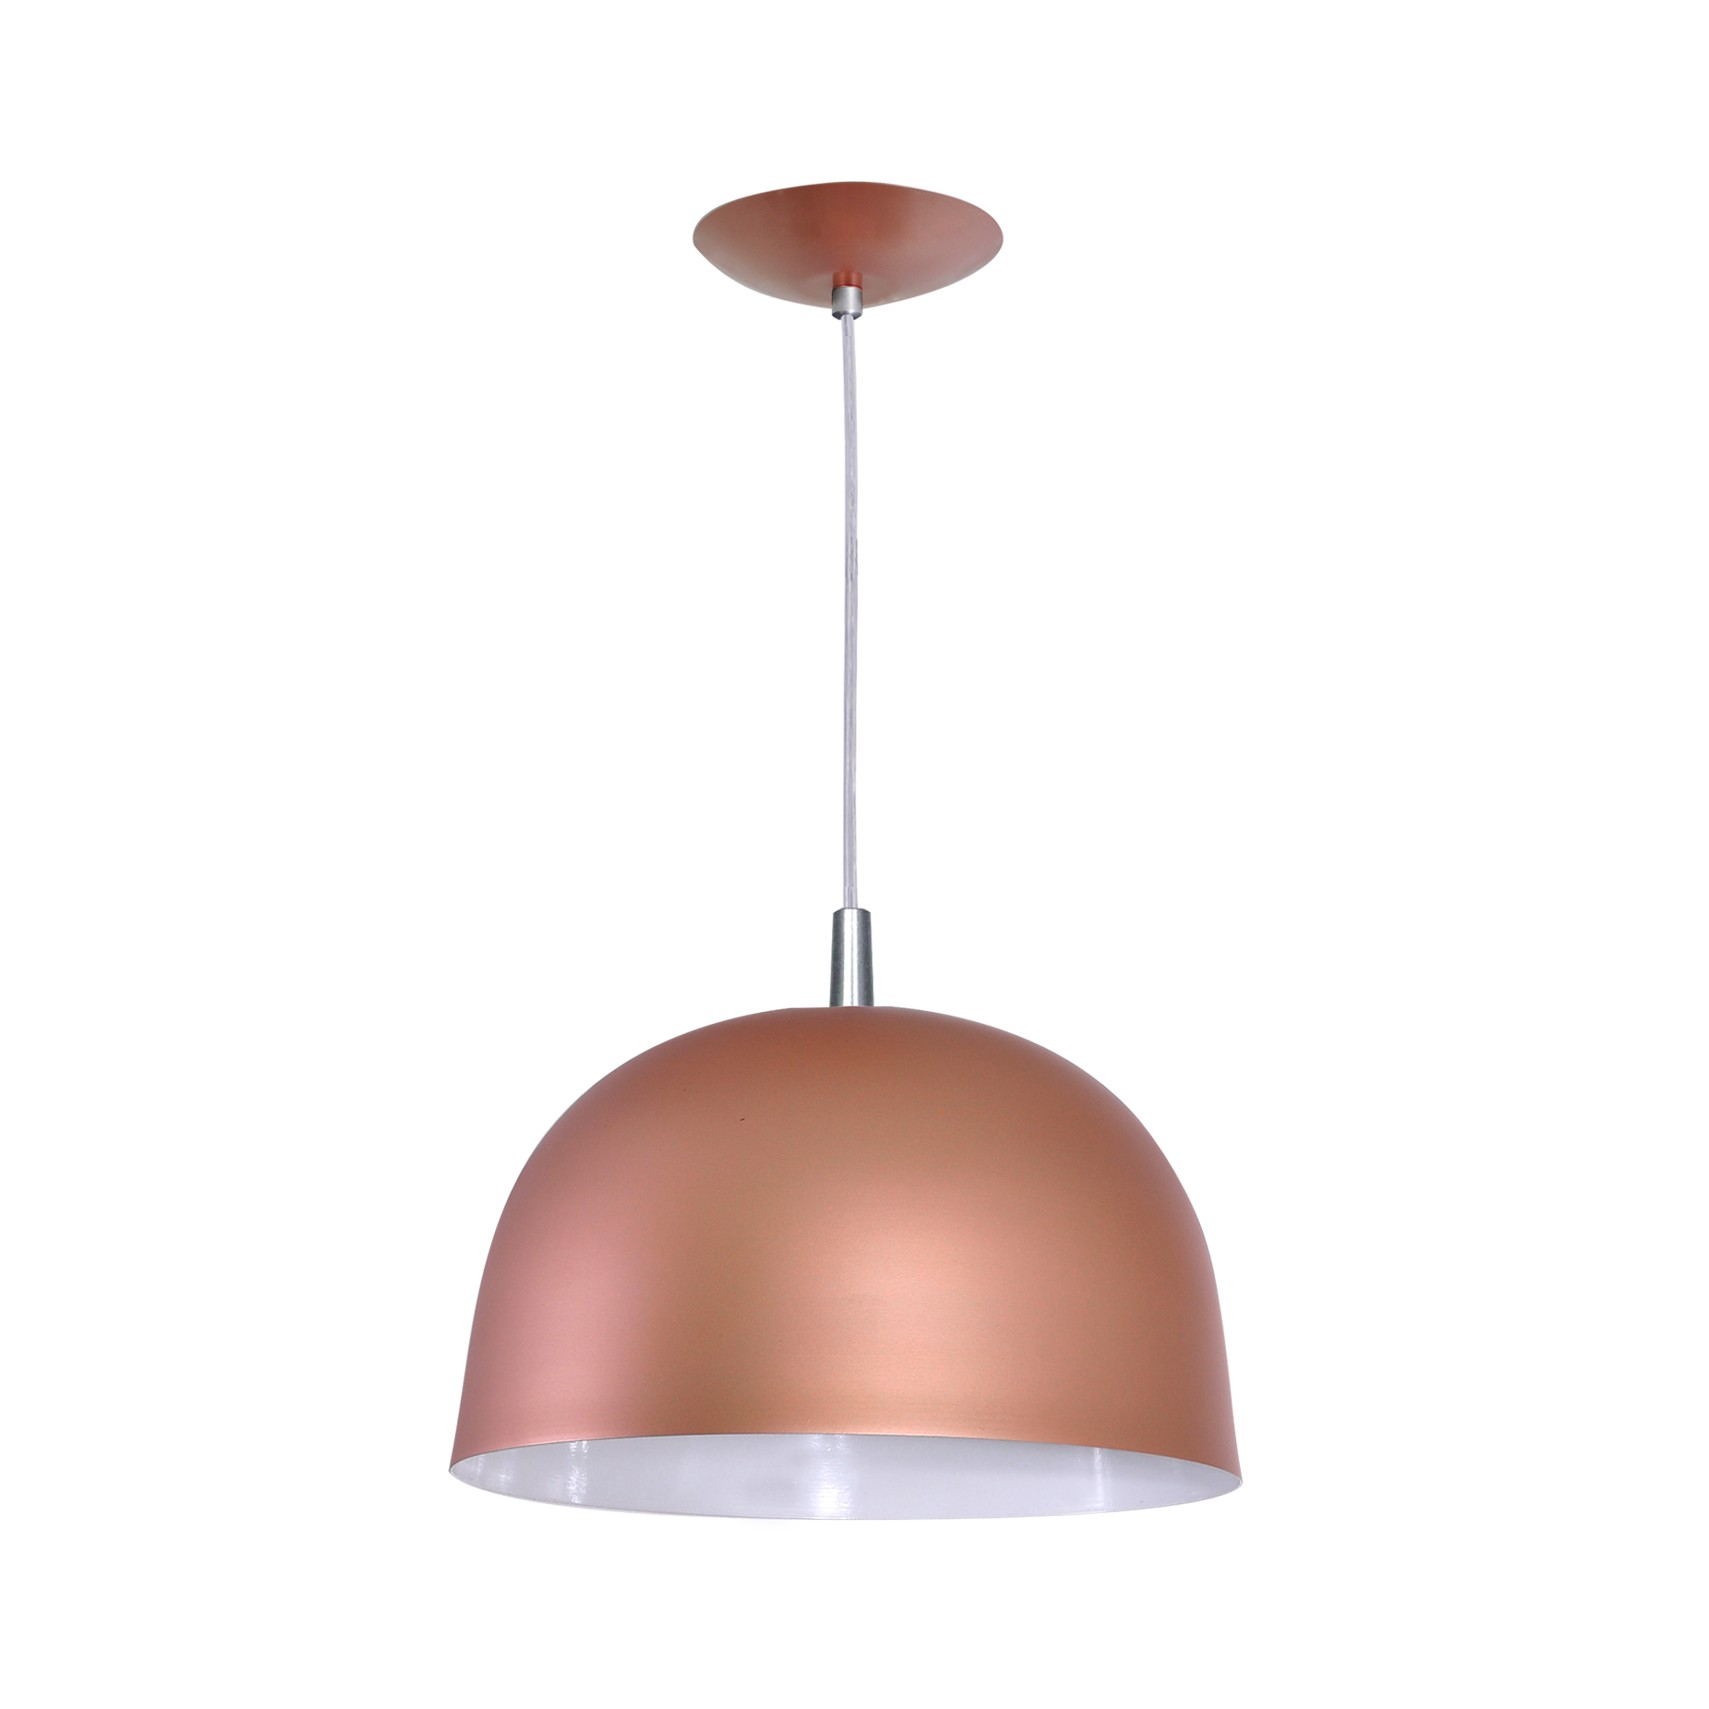 Pendente Color Dome E27 em Aluminio Bronze - Attena